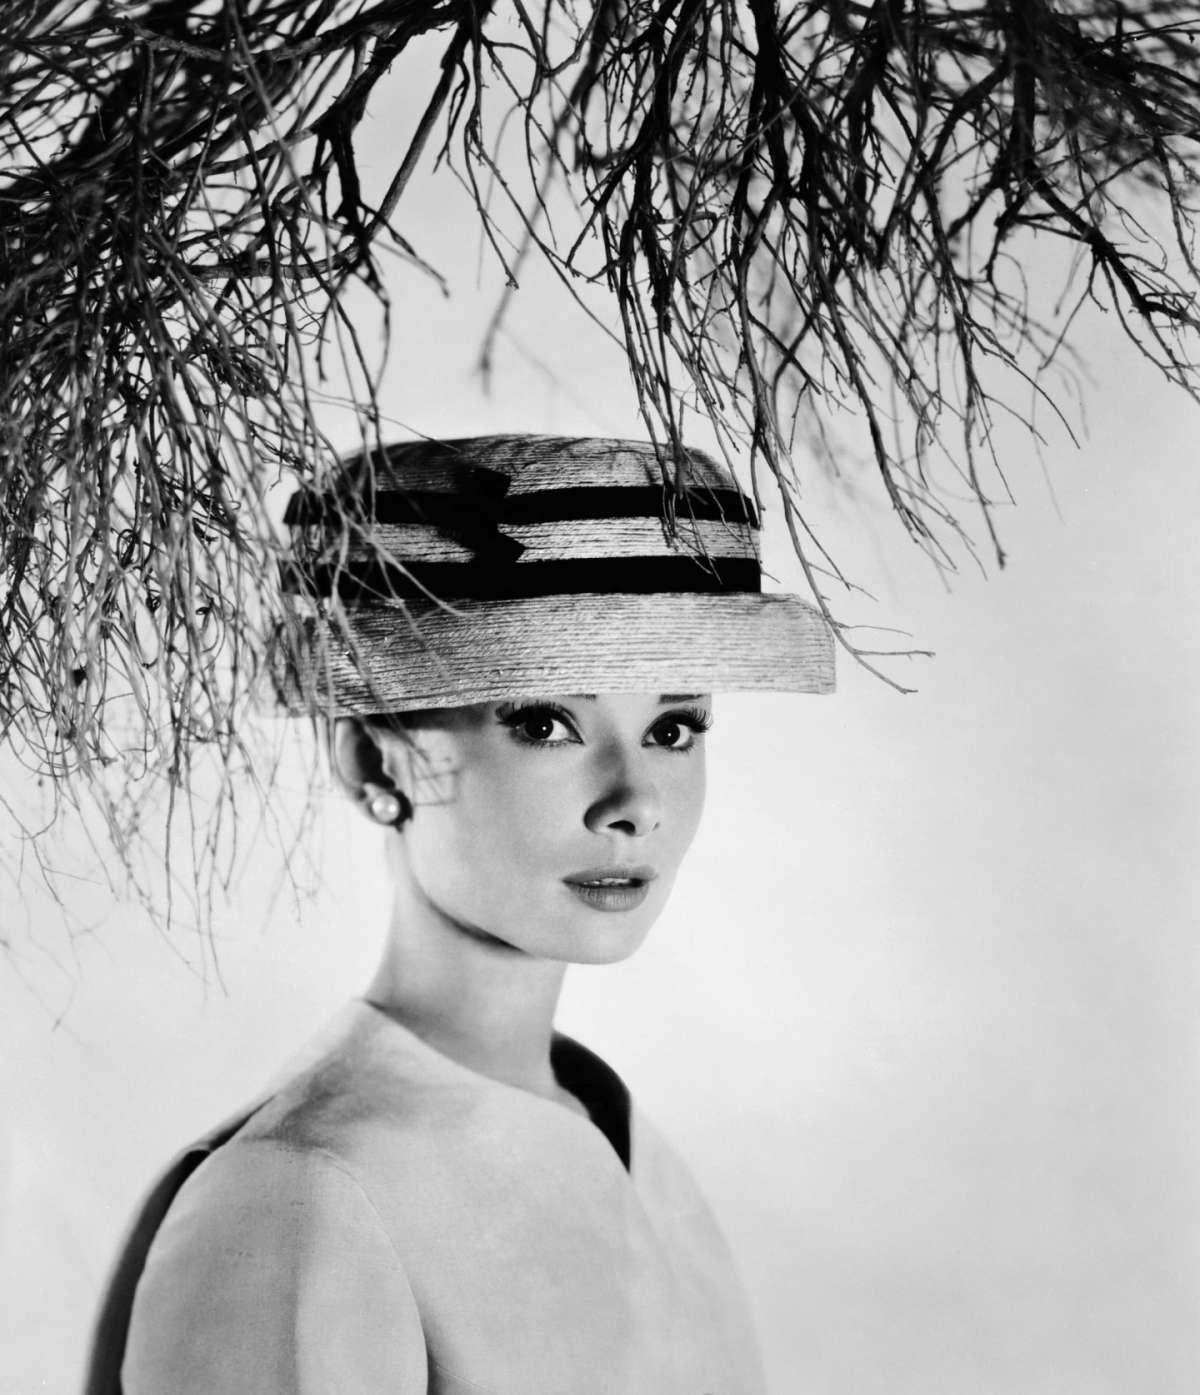 Cappellino chic per Audrey